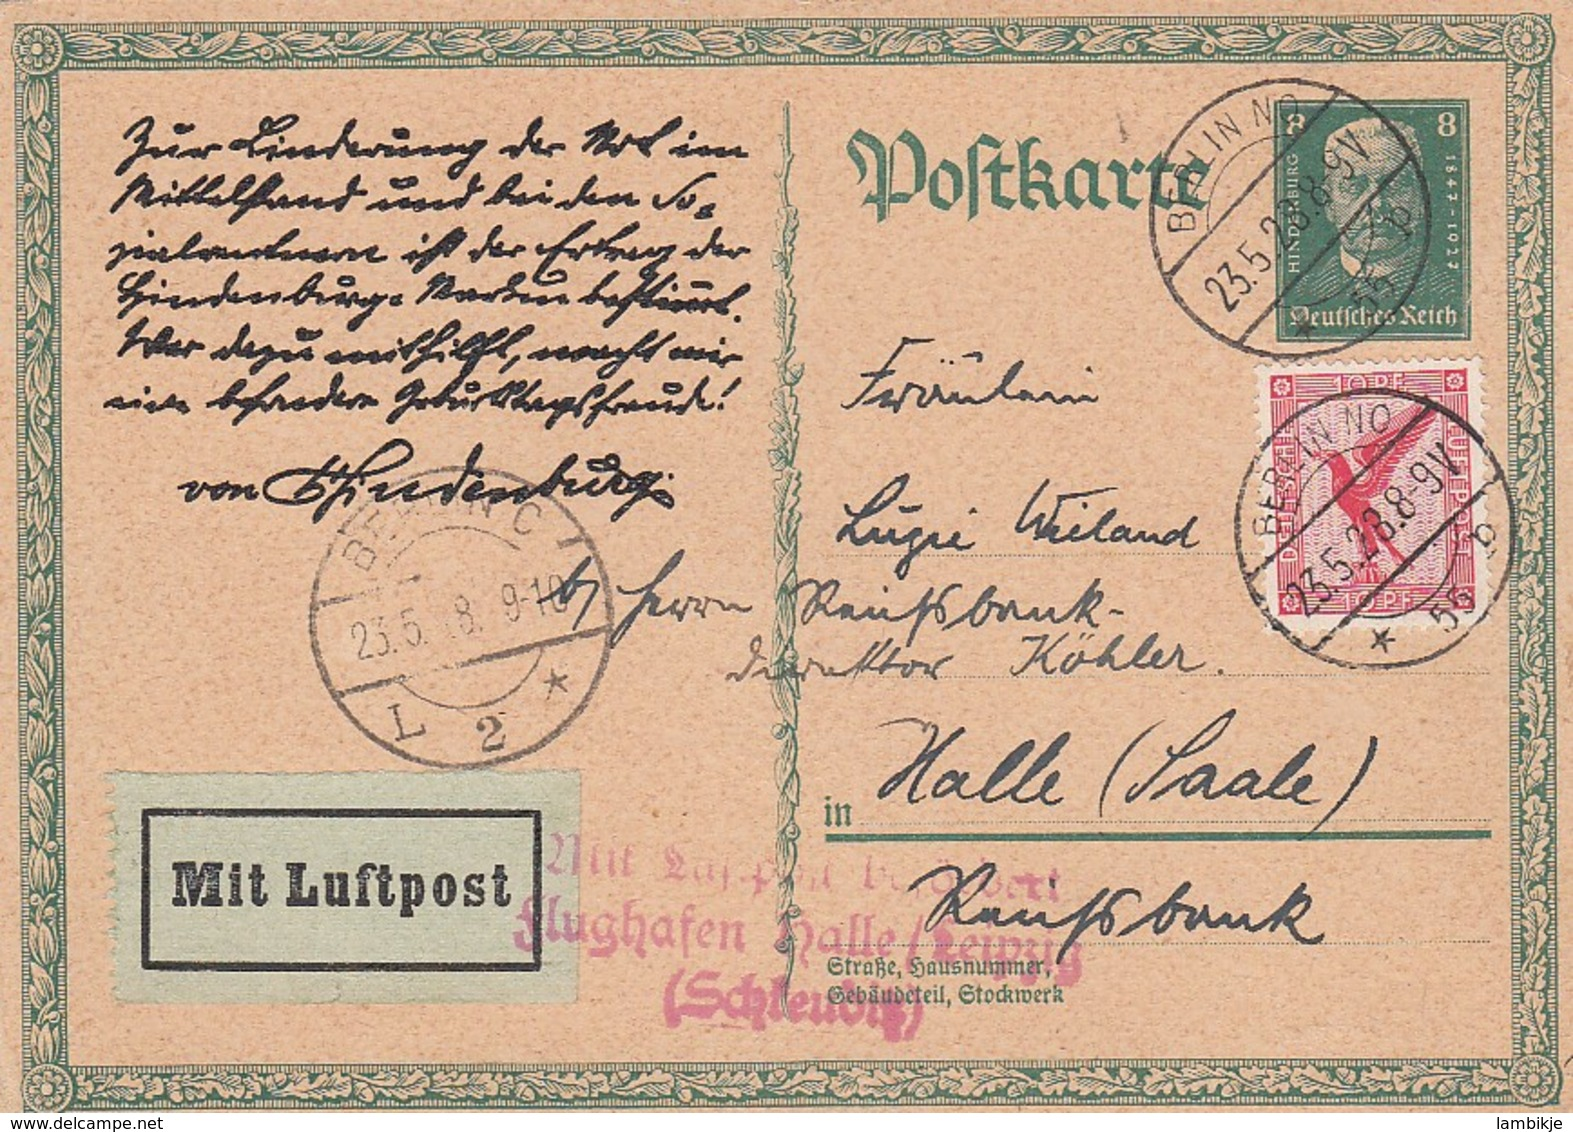 Deutsches Reich Luftpost Postkarte 1928 - Briefe U. Dokumente